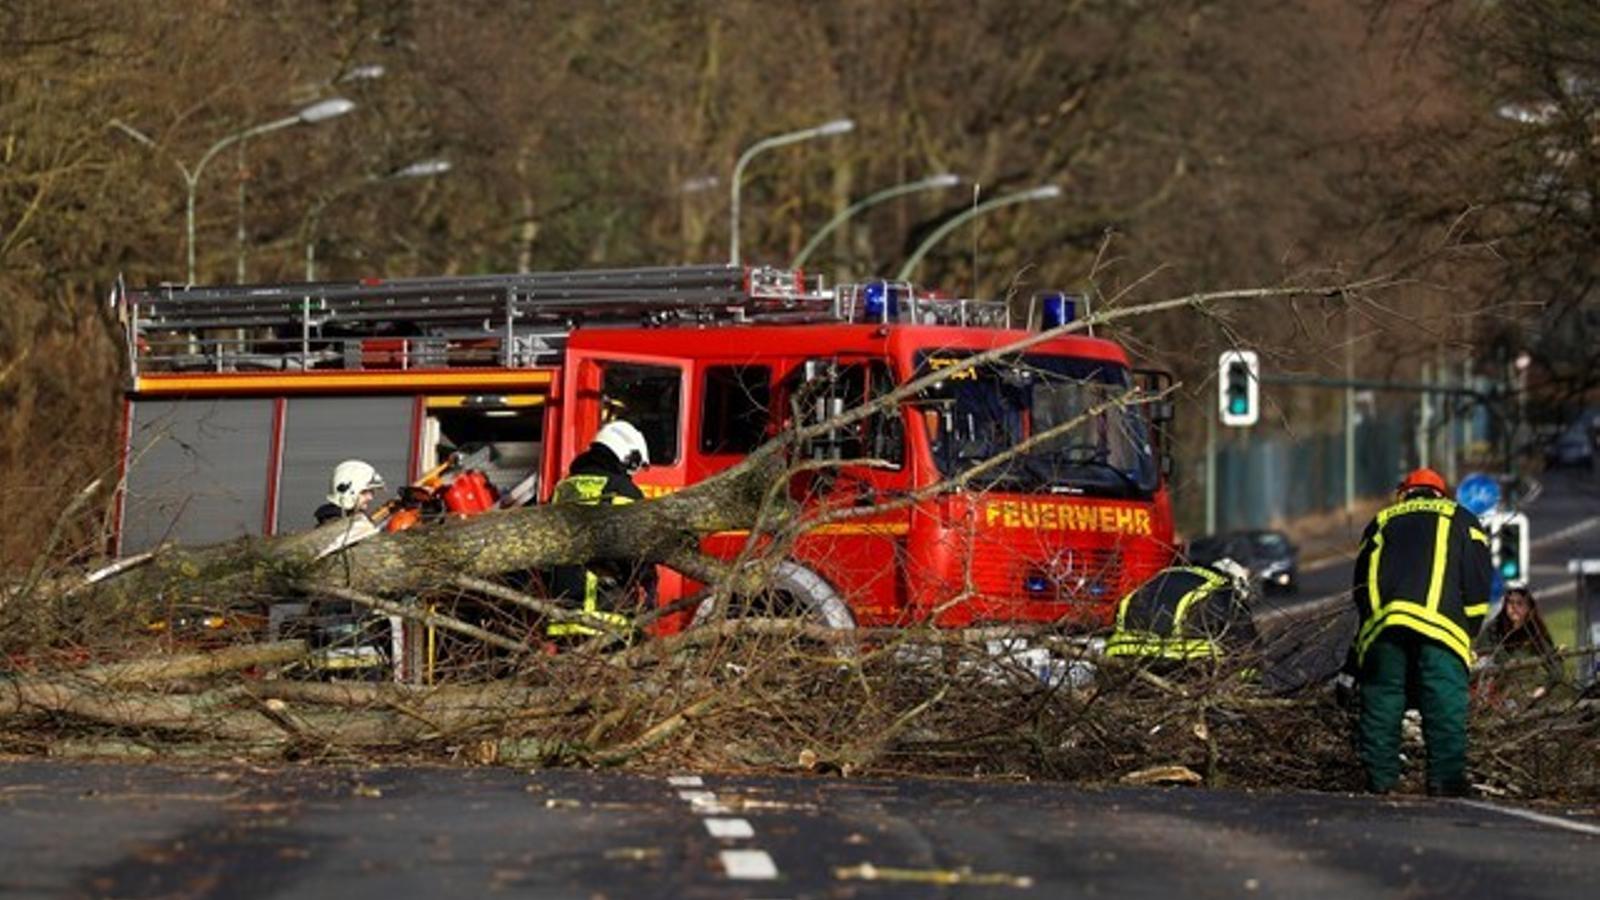 Bombers alemanys treballen per treure un arbre de la carretera / REUTERS